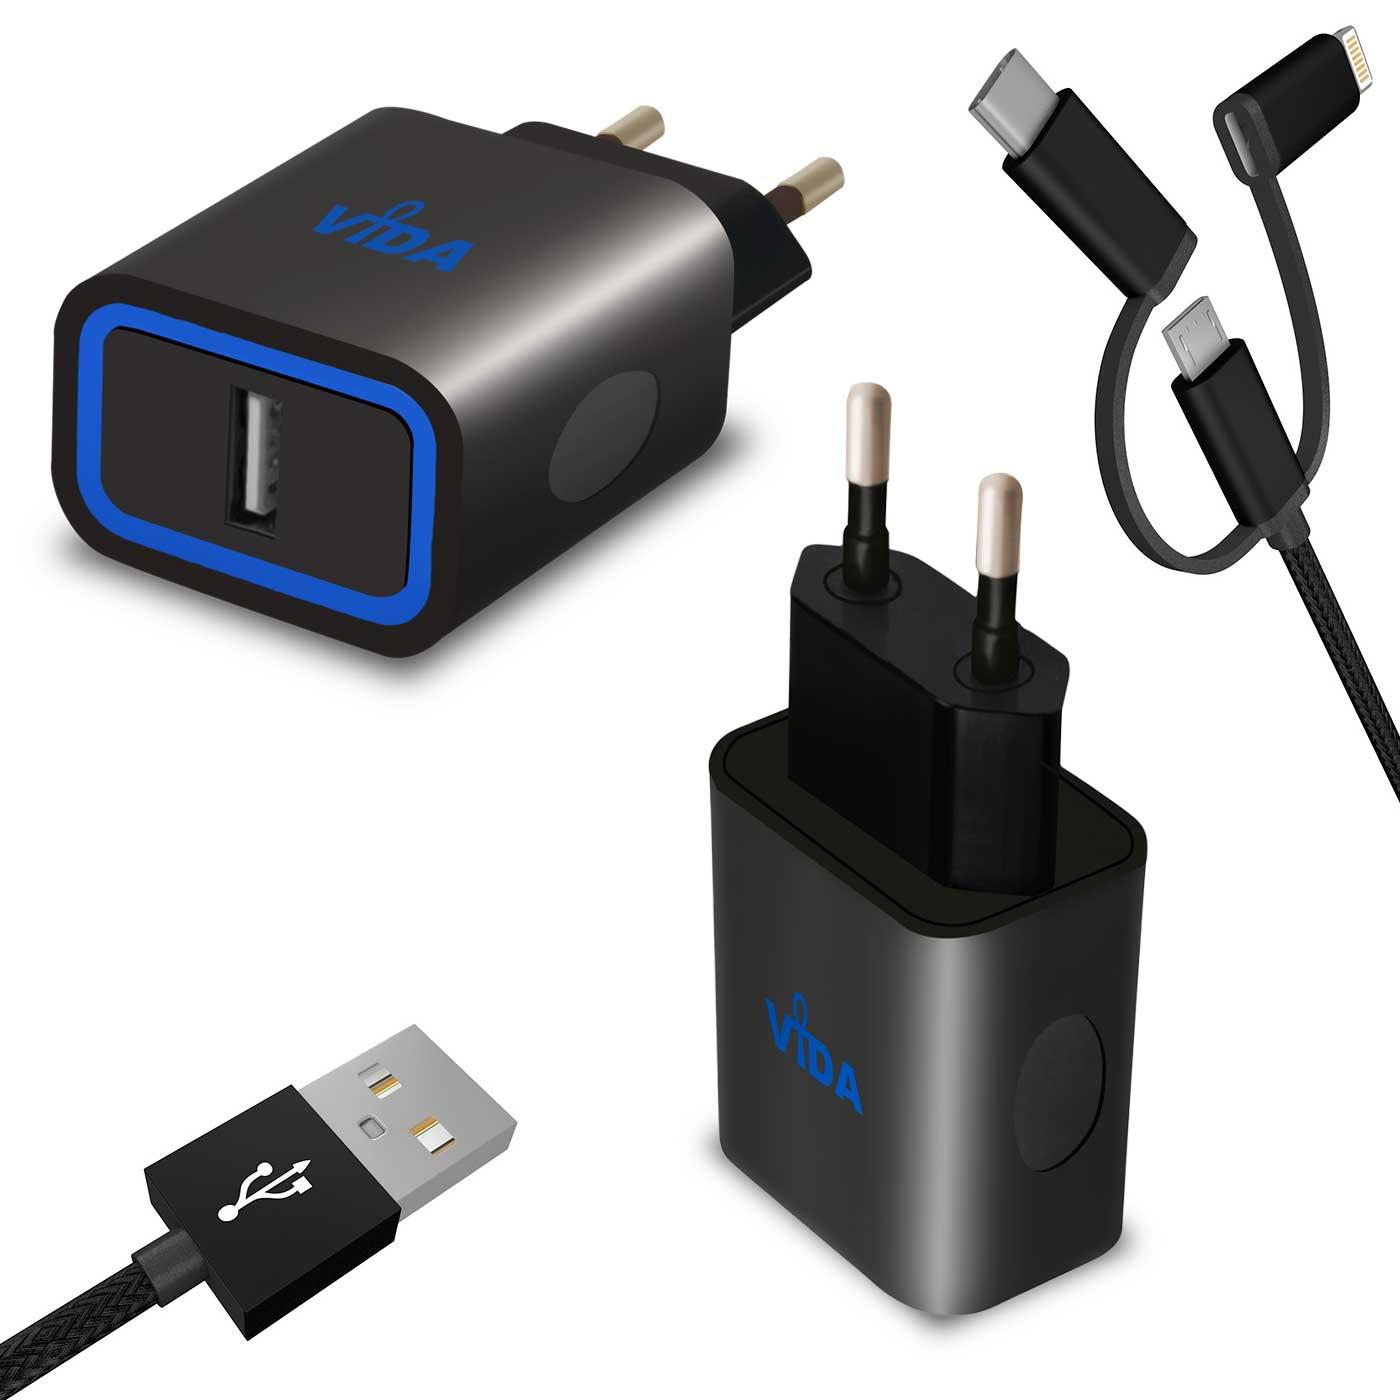 Caricabatteria-da-Muro-a-Parete-Super-Veloce-Caricatore-USB-2-4A-Per-Cellulare miniatura 5